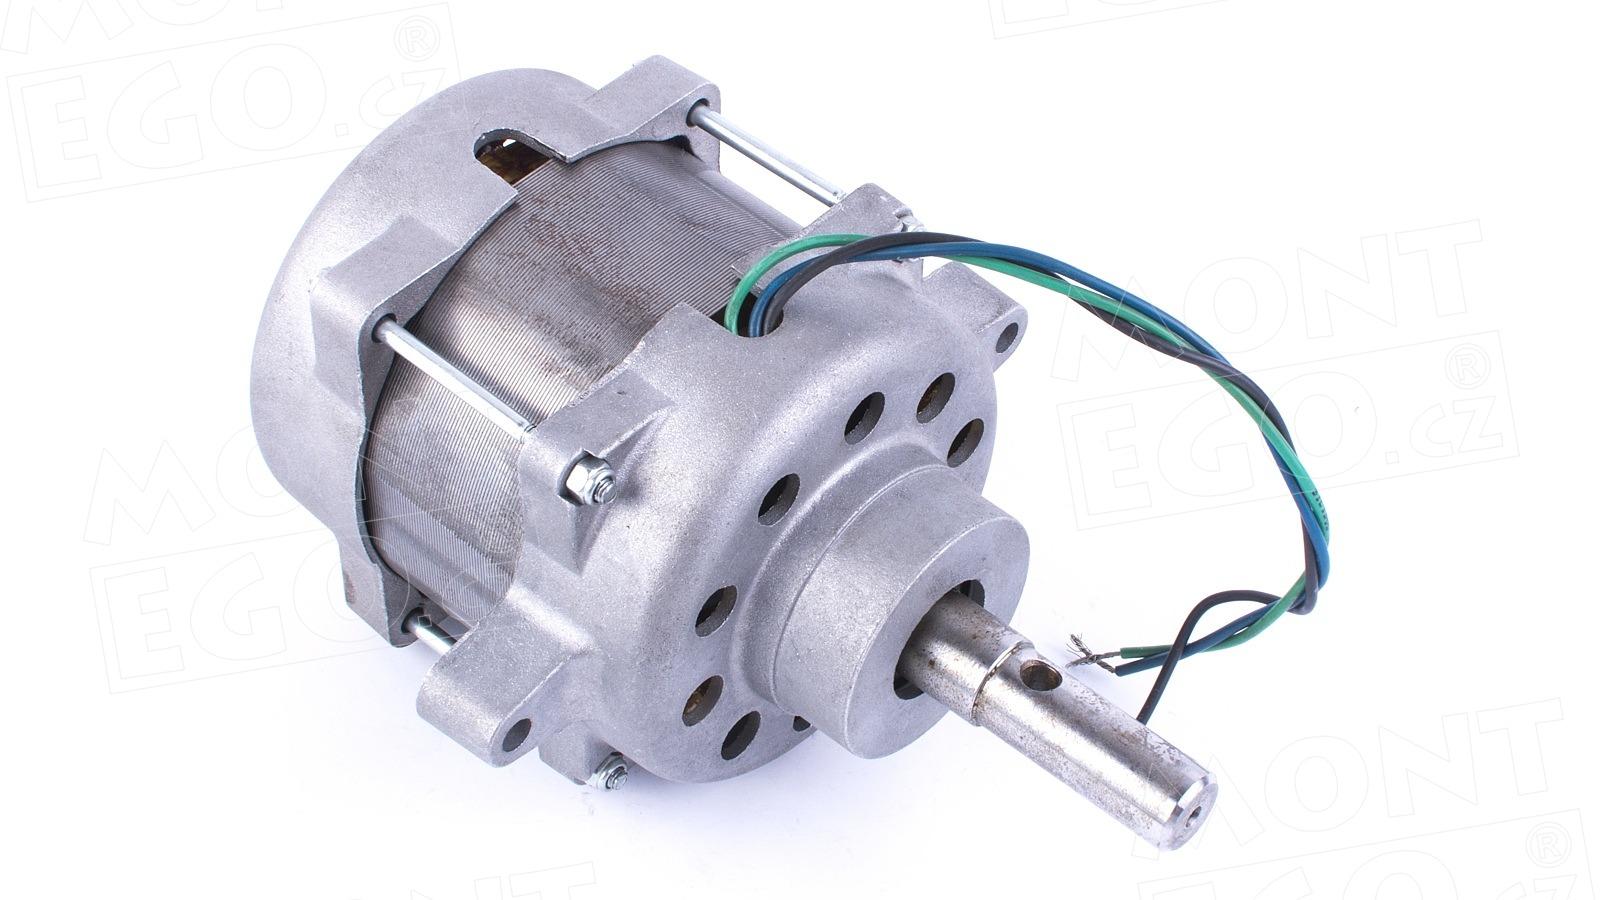 PRRO01B kompletní motor pro pohon Nice RO300 - Rokit